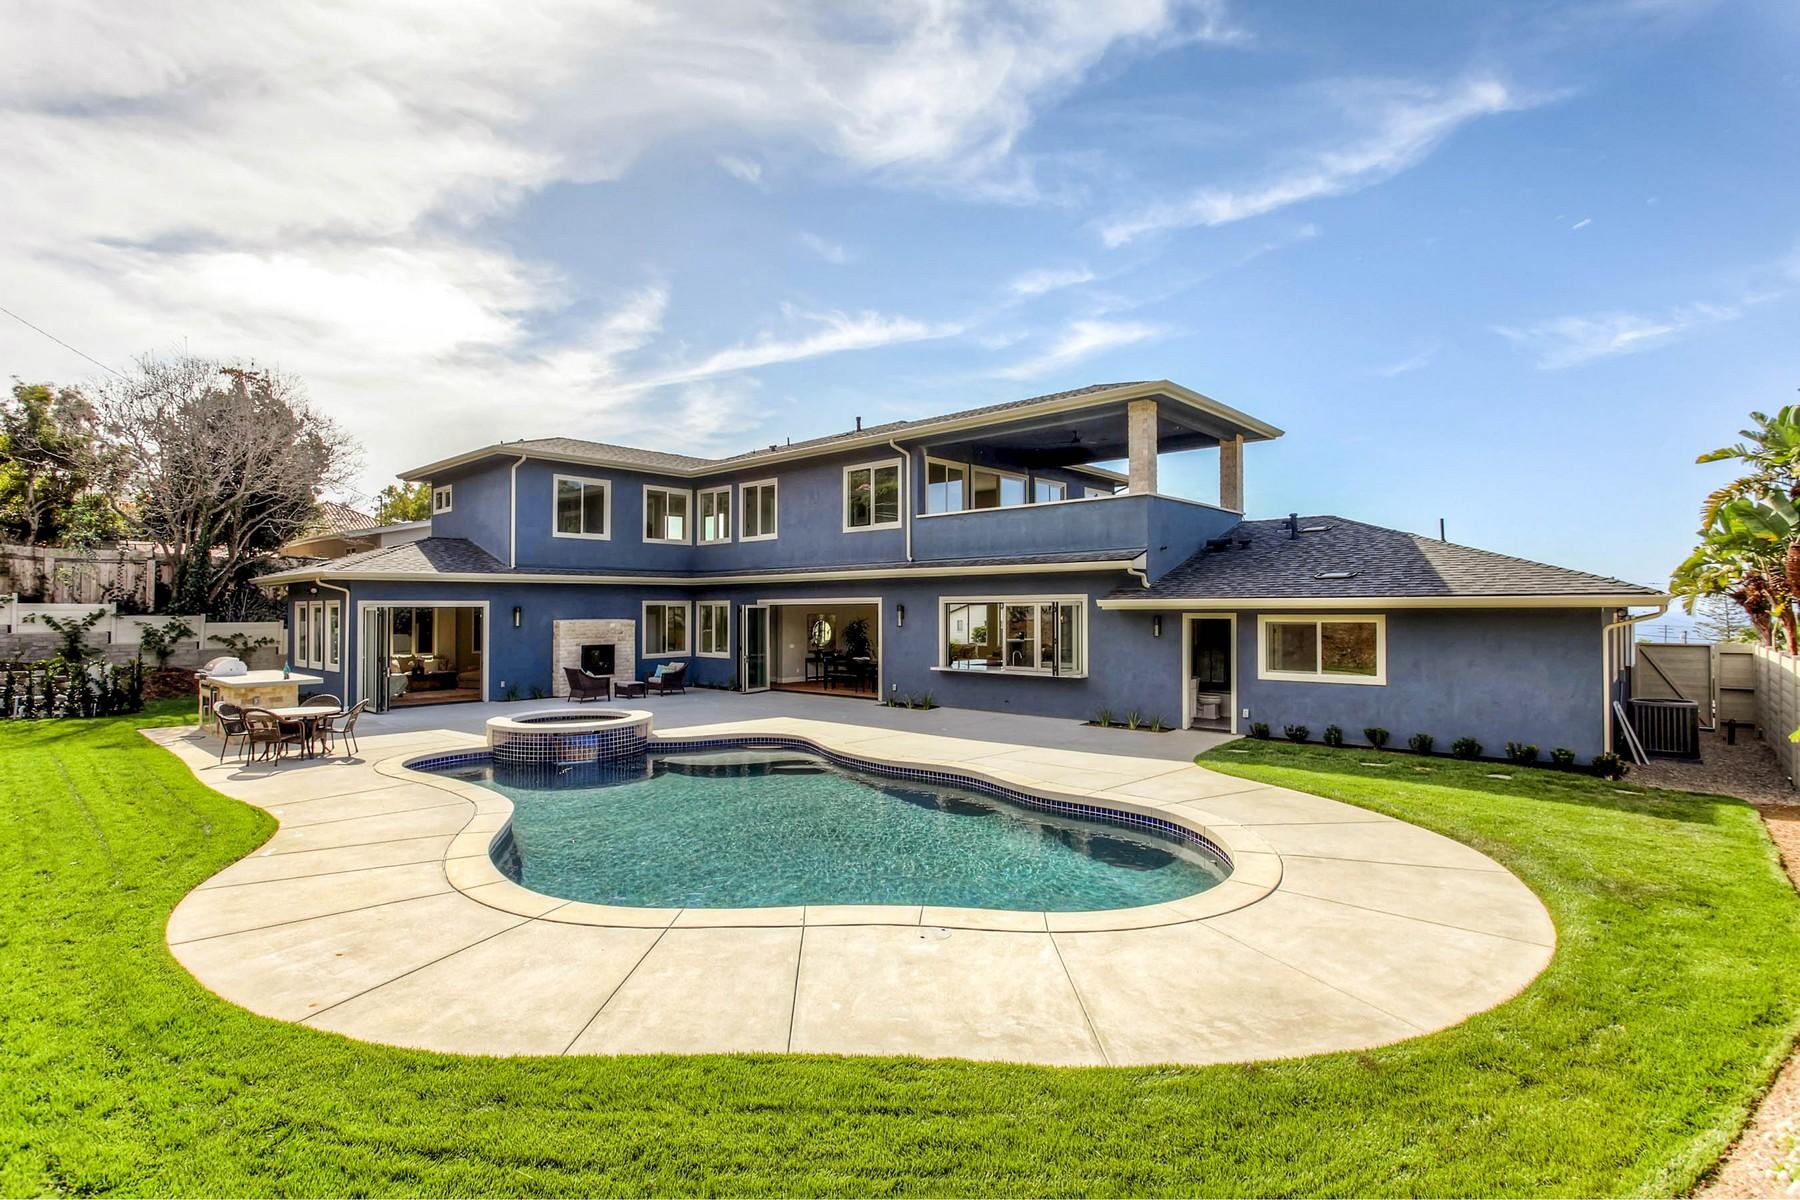 Частный односемейный дом для того Продажа на 6645 Avenida De Las Pescas La Jolla, Калифорния 92037 Соединенные Штаты